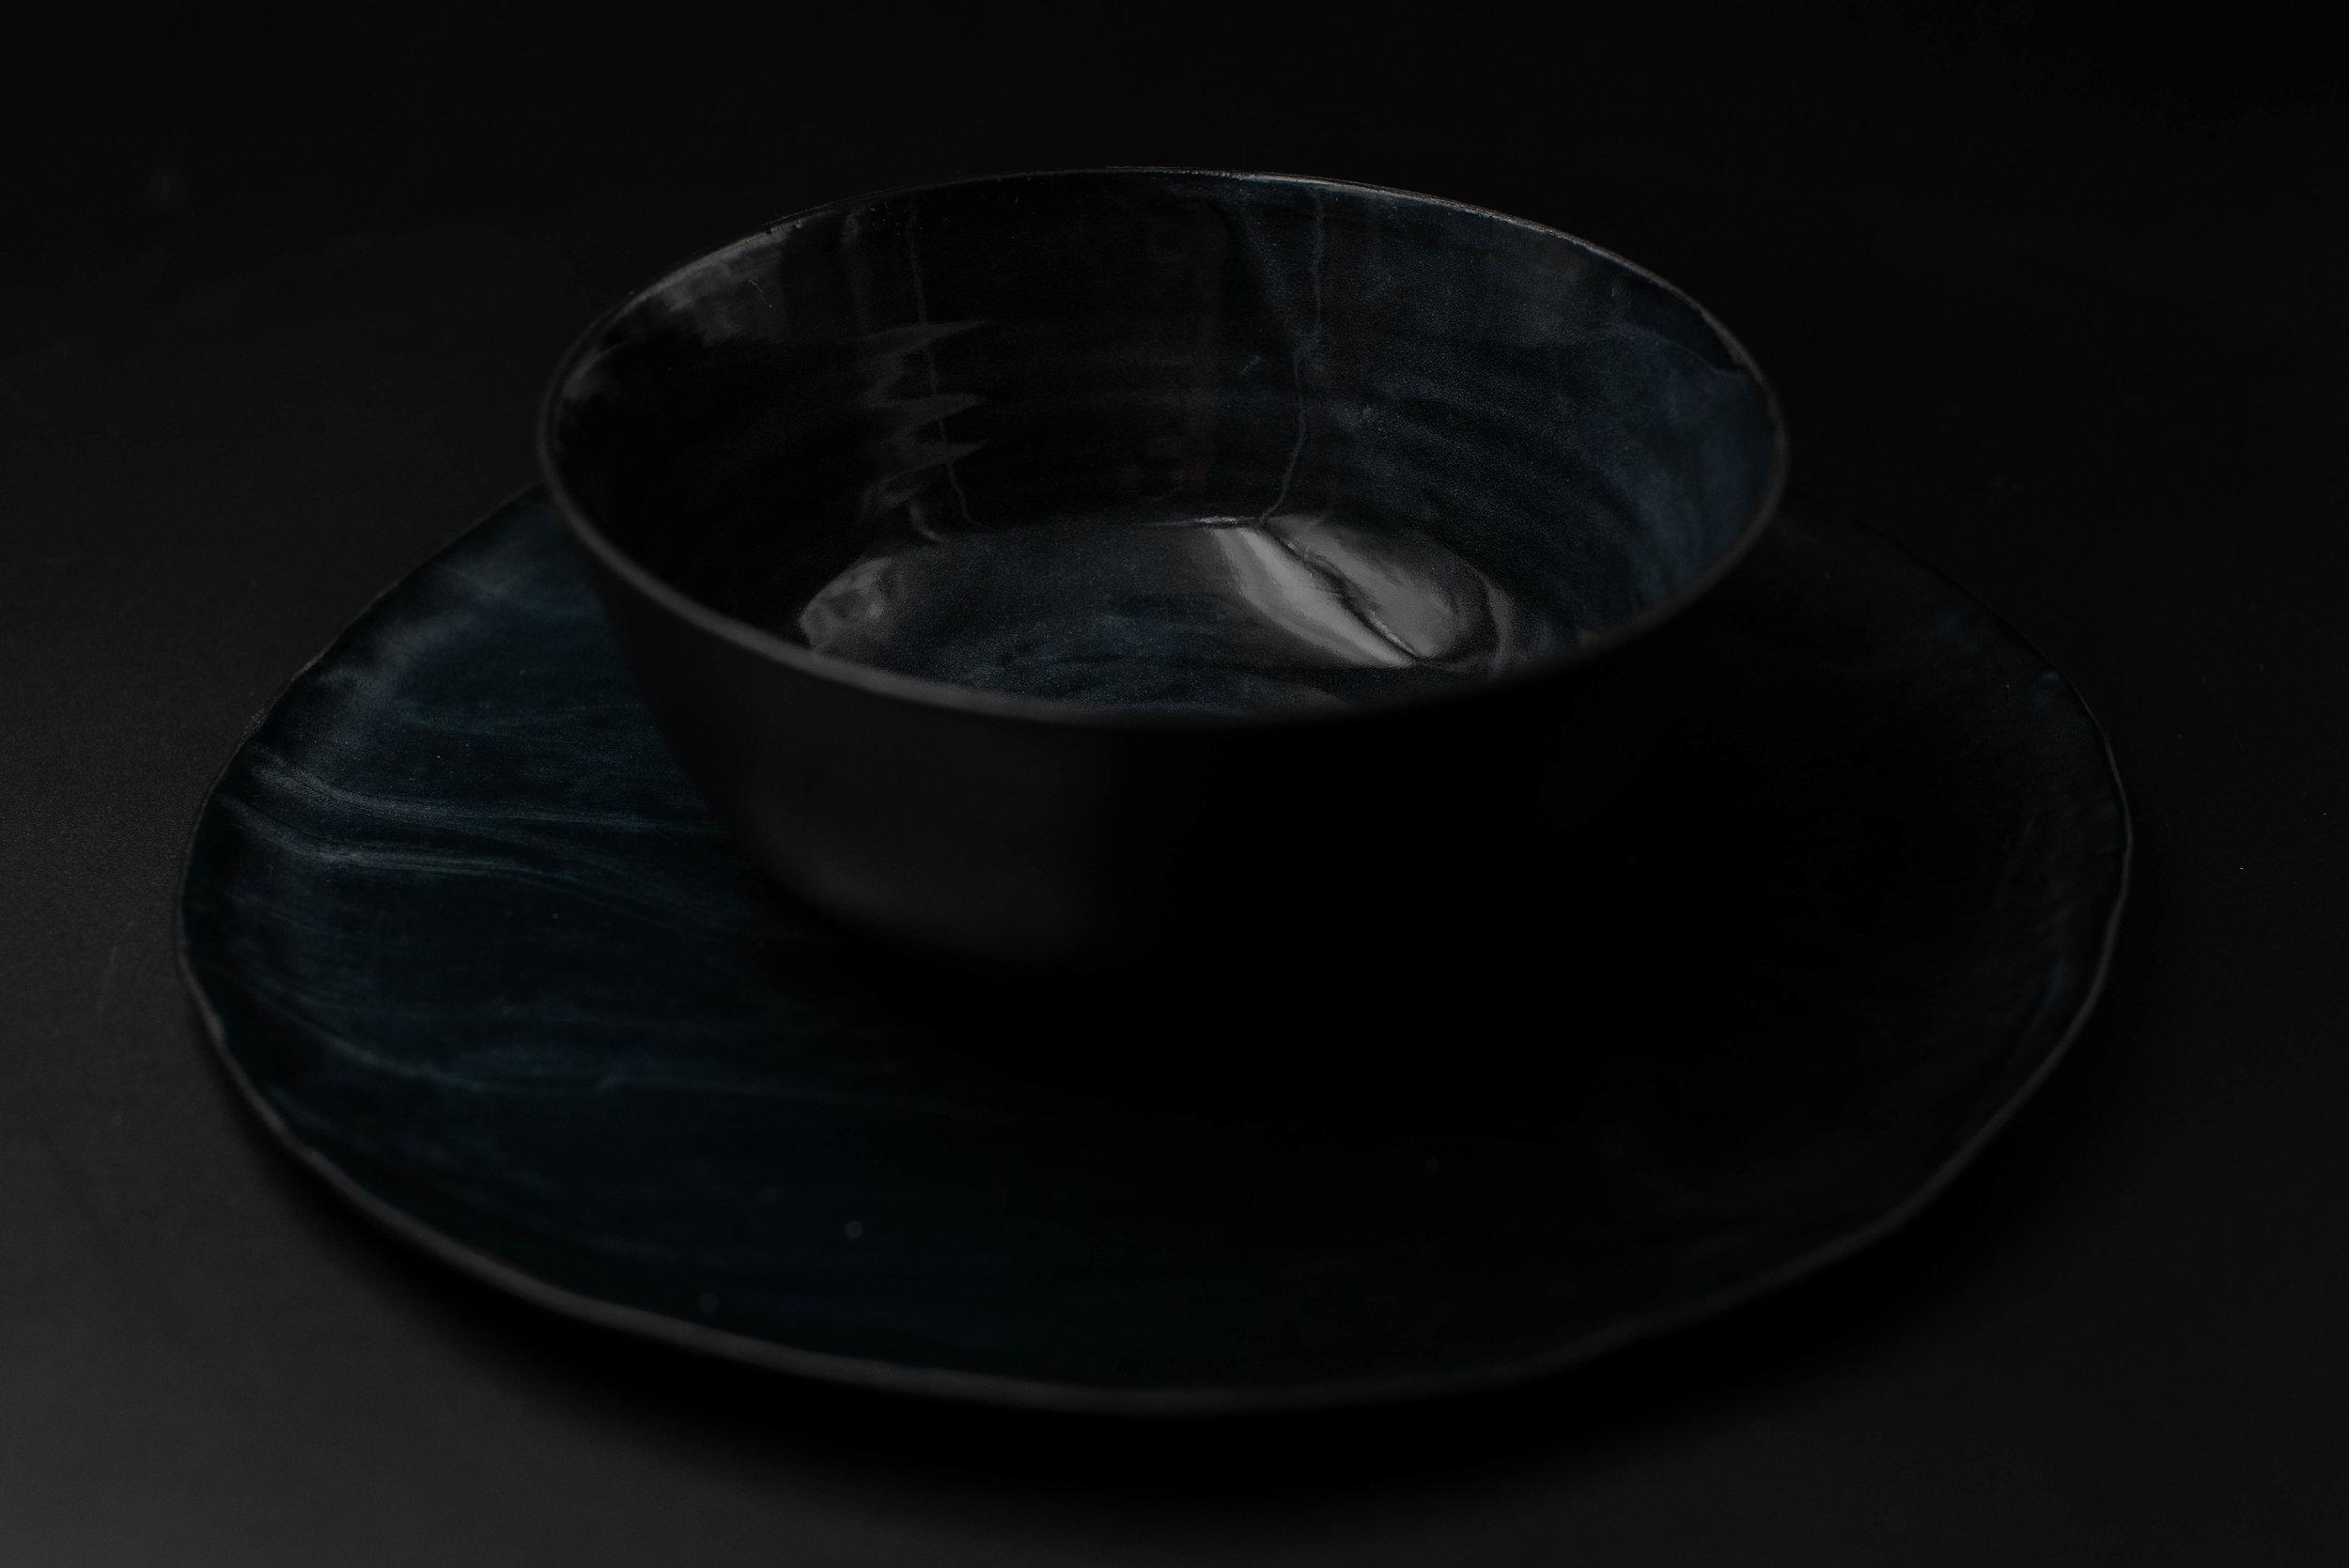 BLACK PORCELAIN-9.jpg